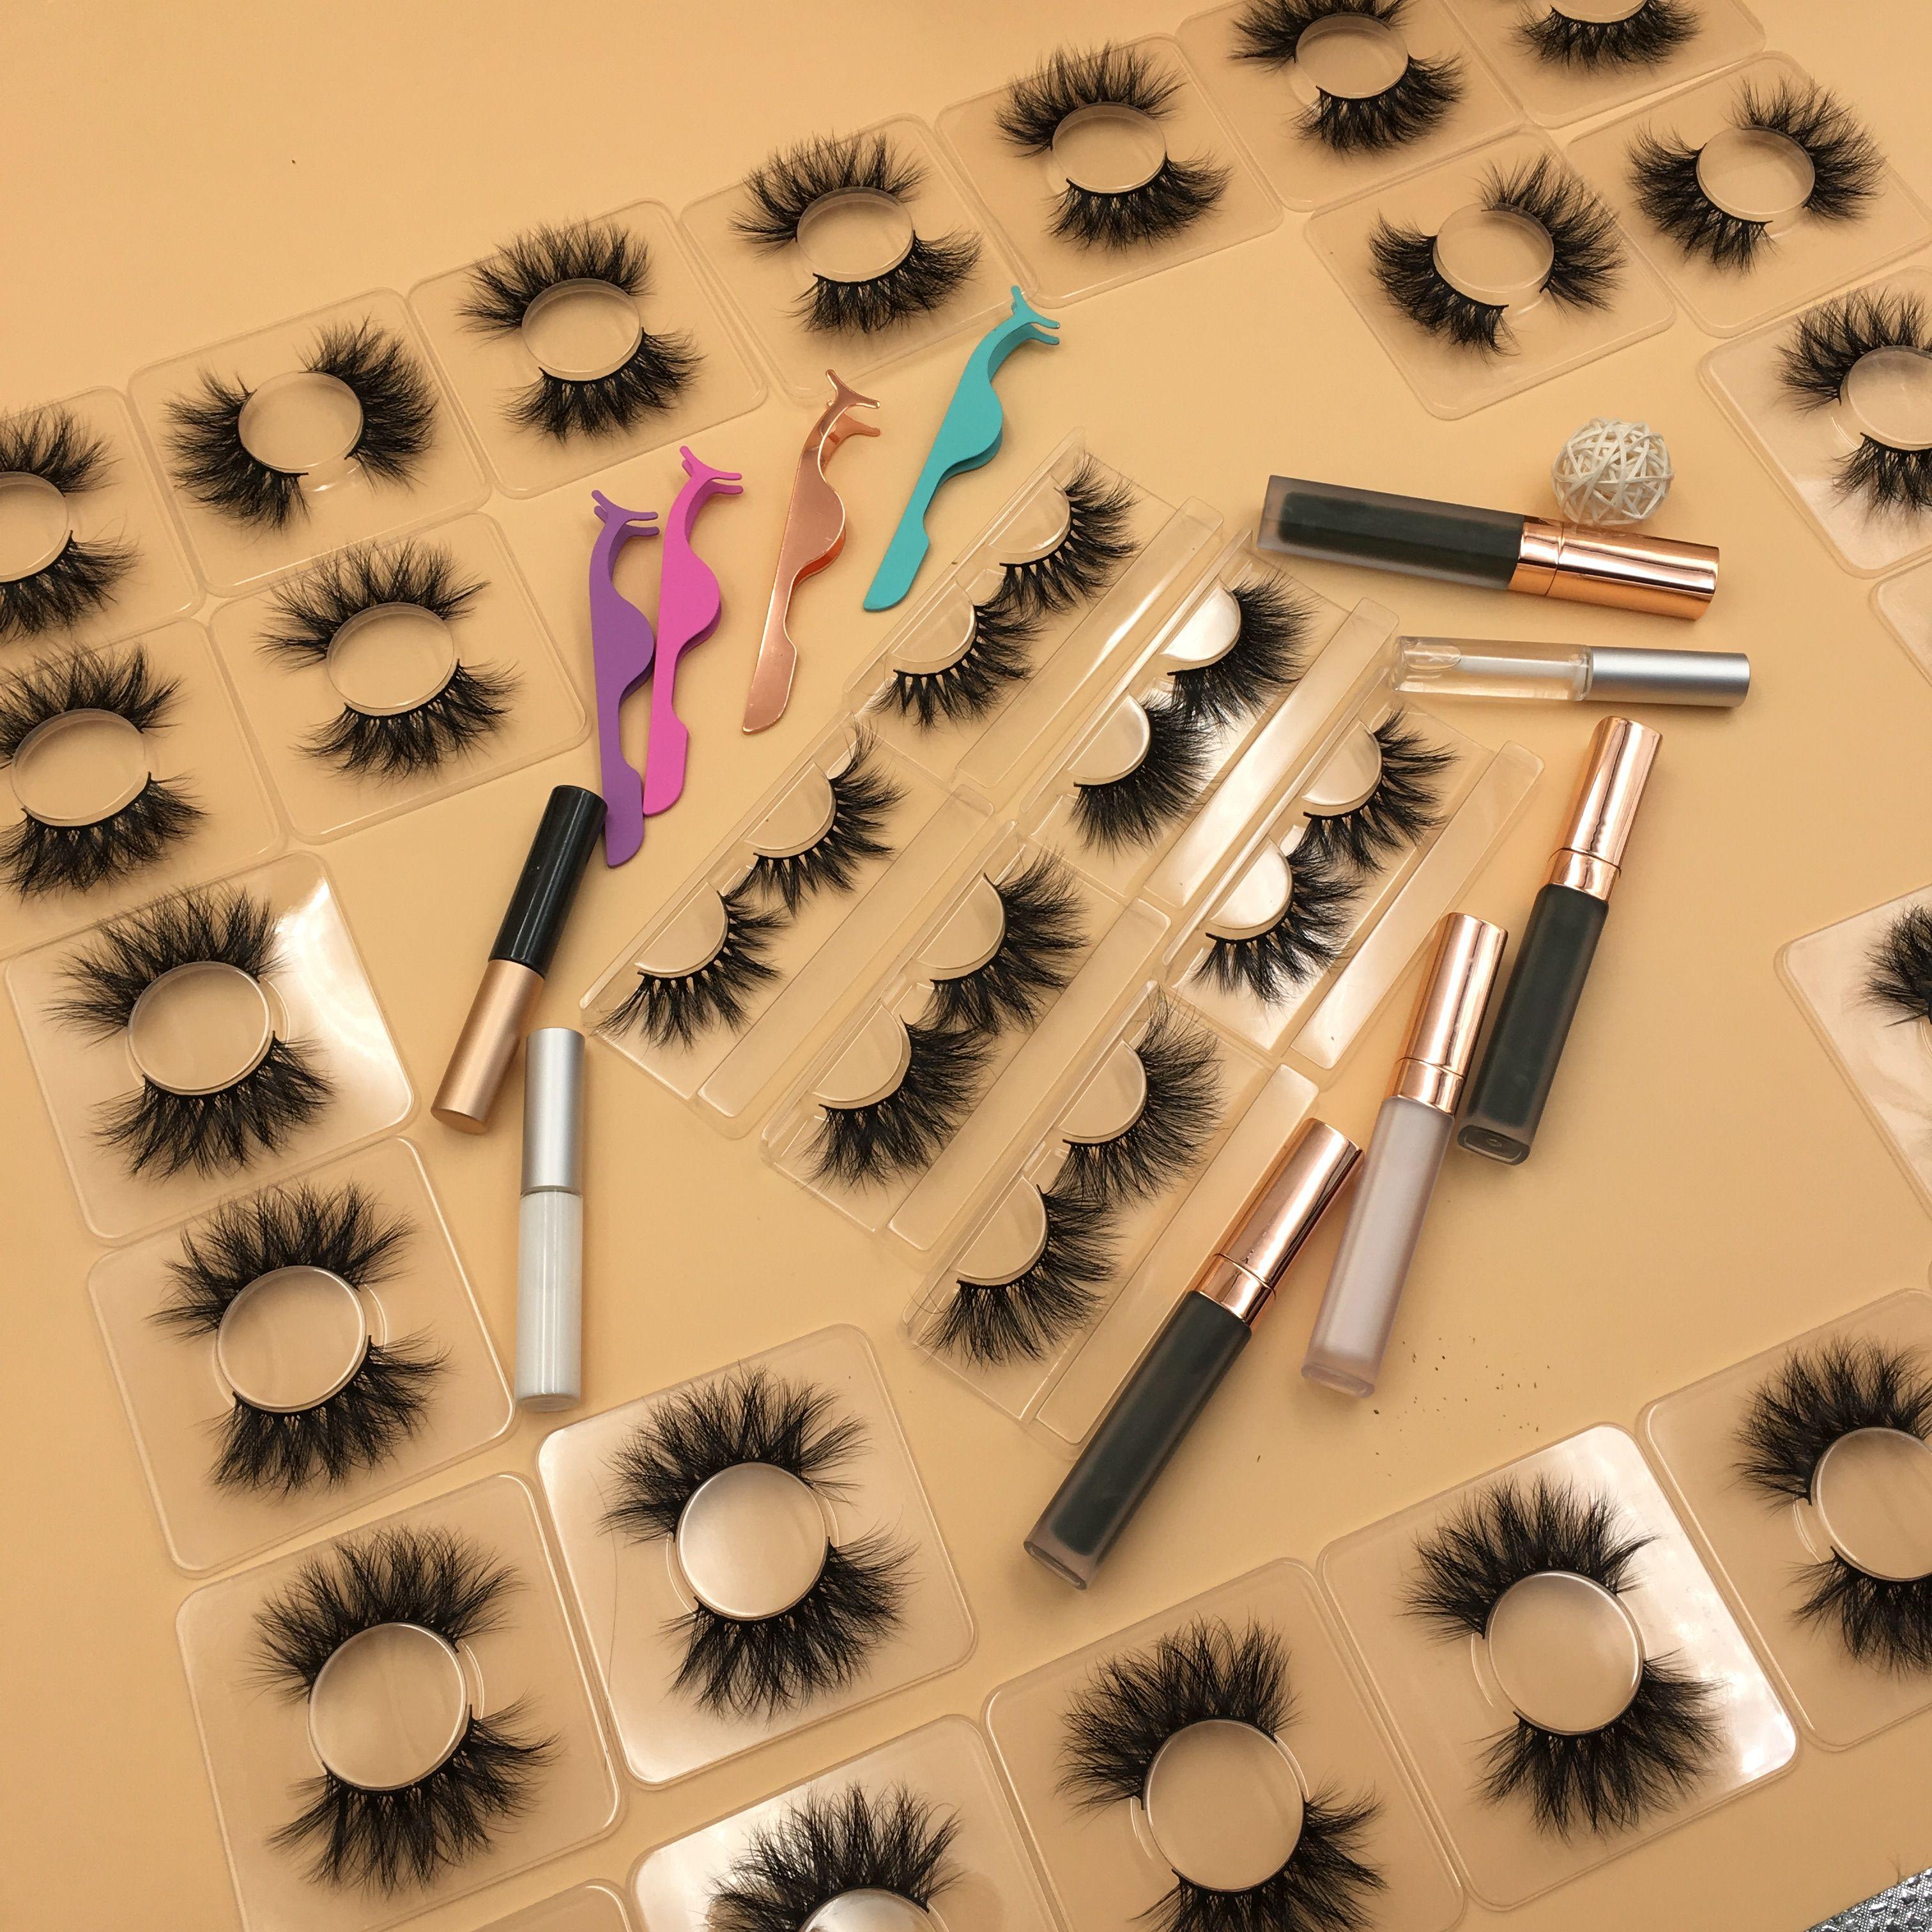 customized cruelty free sable fur eyelashes Mink lashes